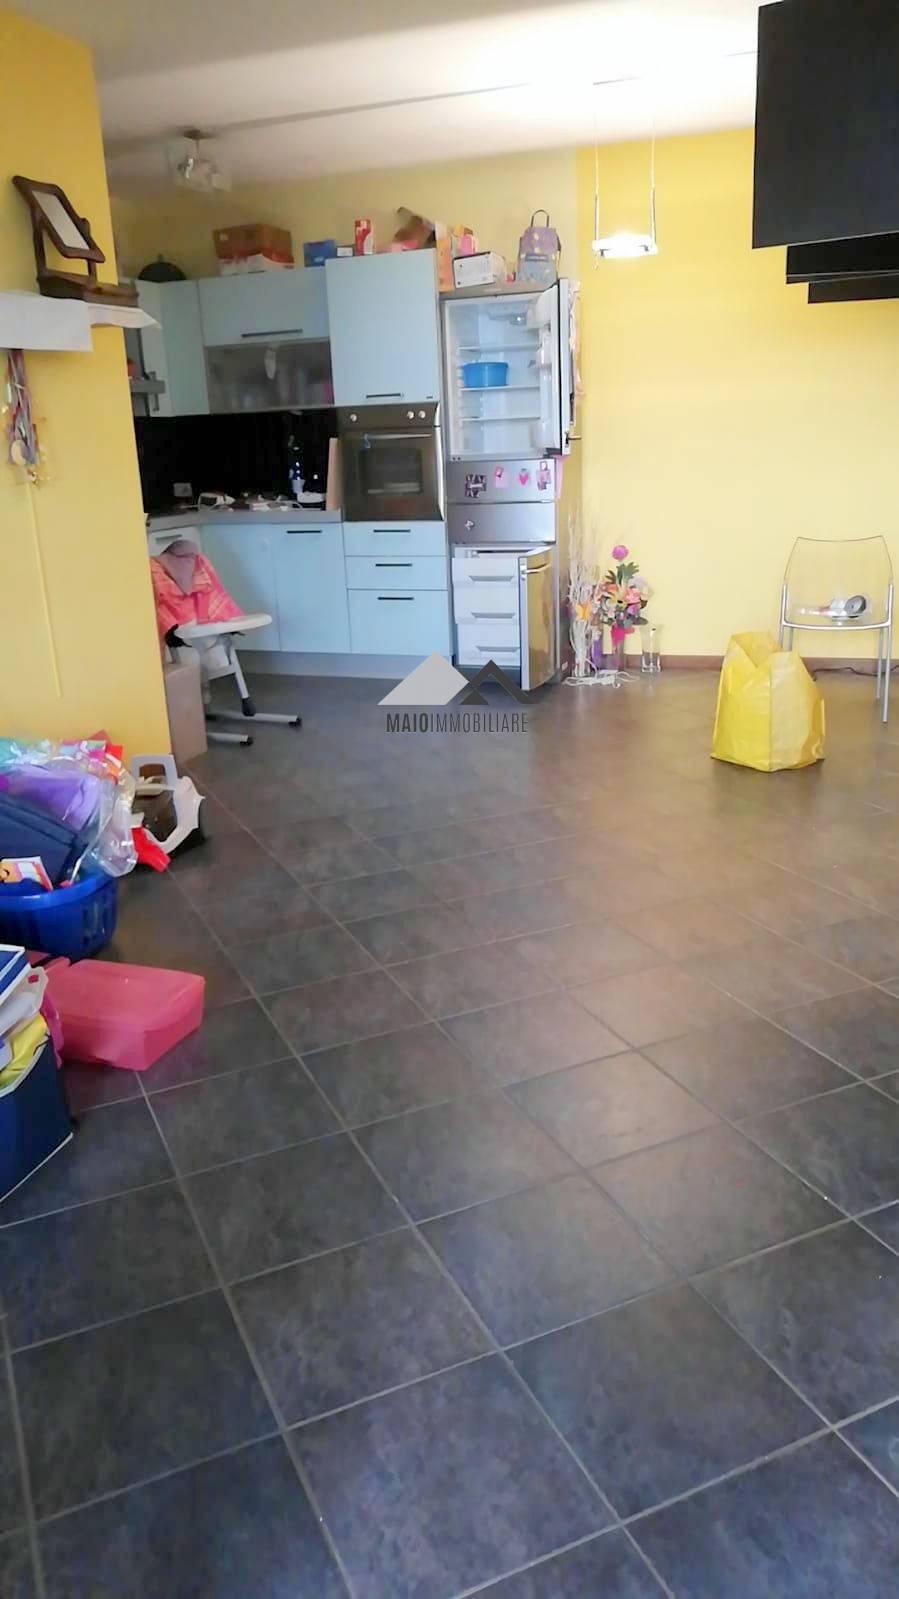 Appartamento in vendita a Coriano, 3 locali, zona Località: S.AndreainBesanigo, prezzo € 175.000 | CambioCasa.it